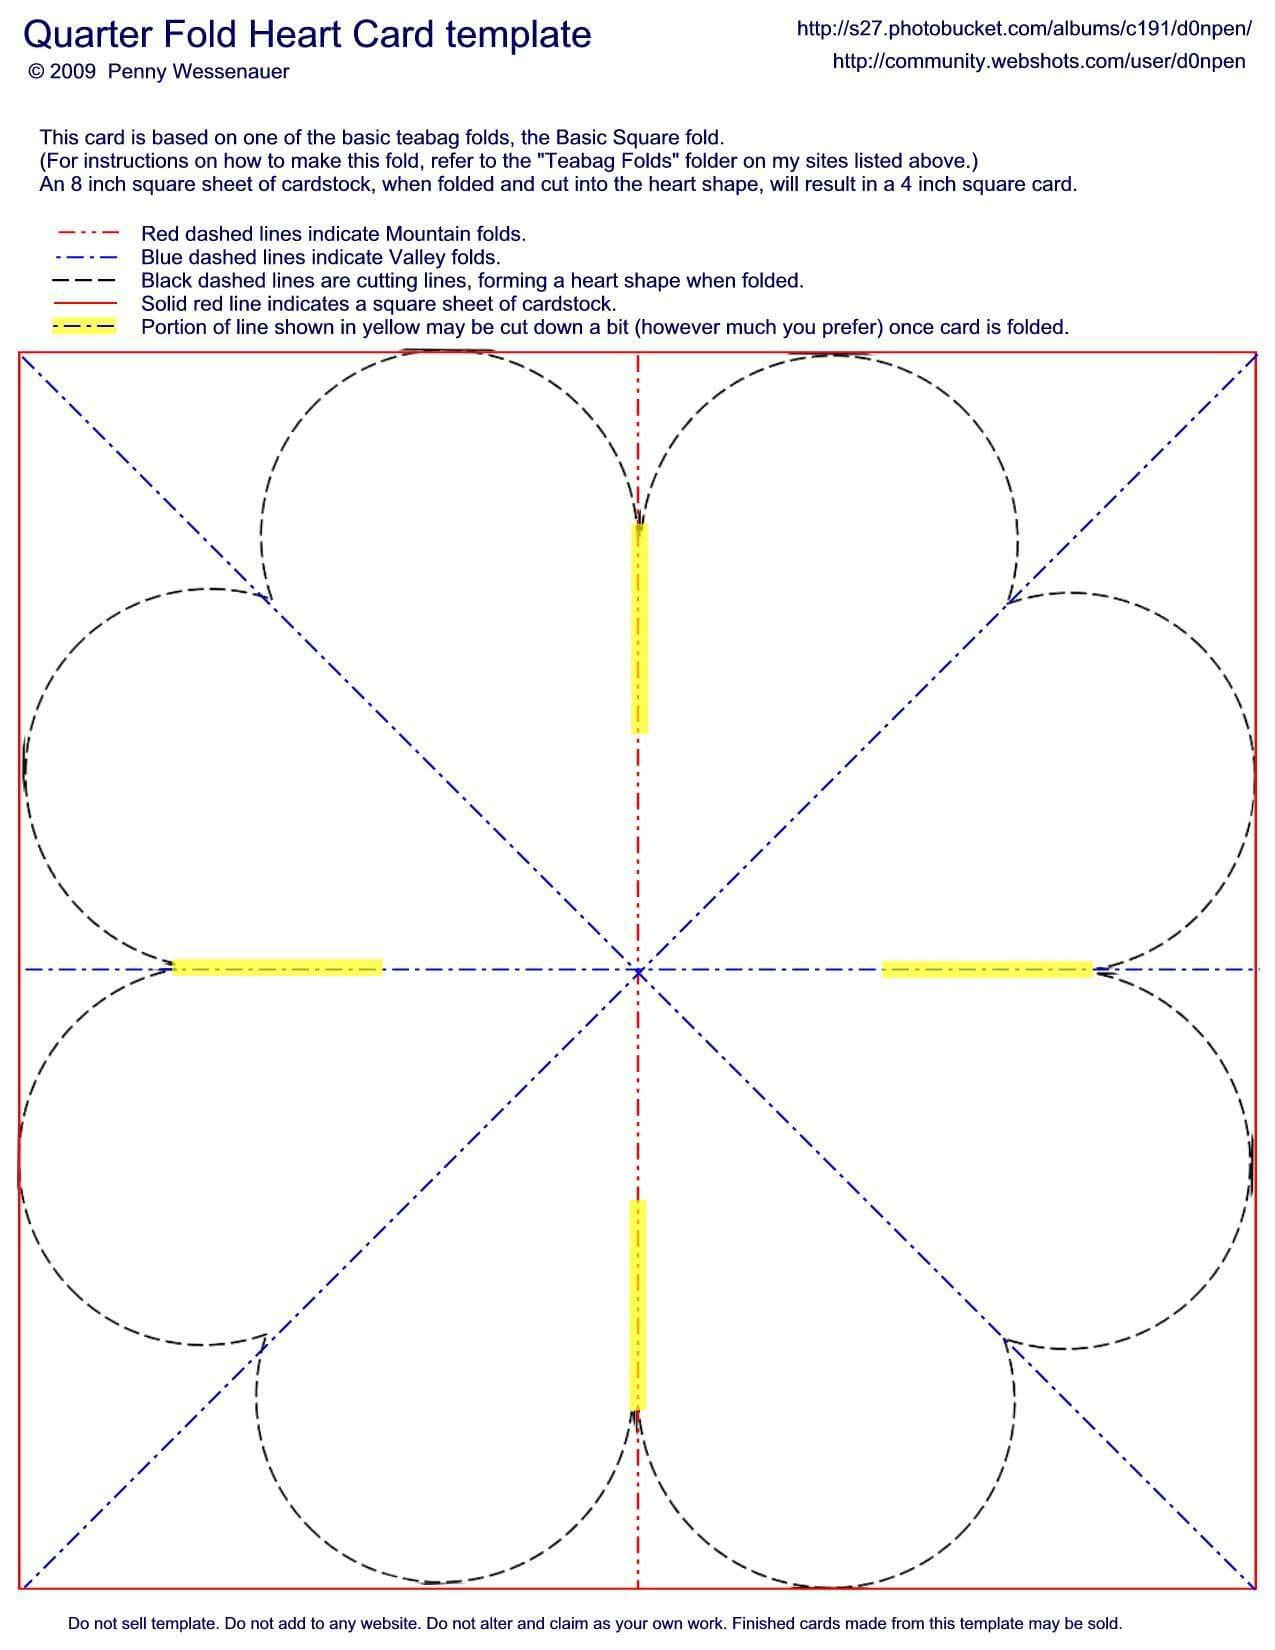 Ashwini Malani (Ashwinimalani) On Pinterest within Blank Quarter Fold Card Template